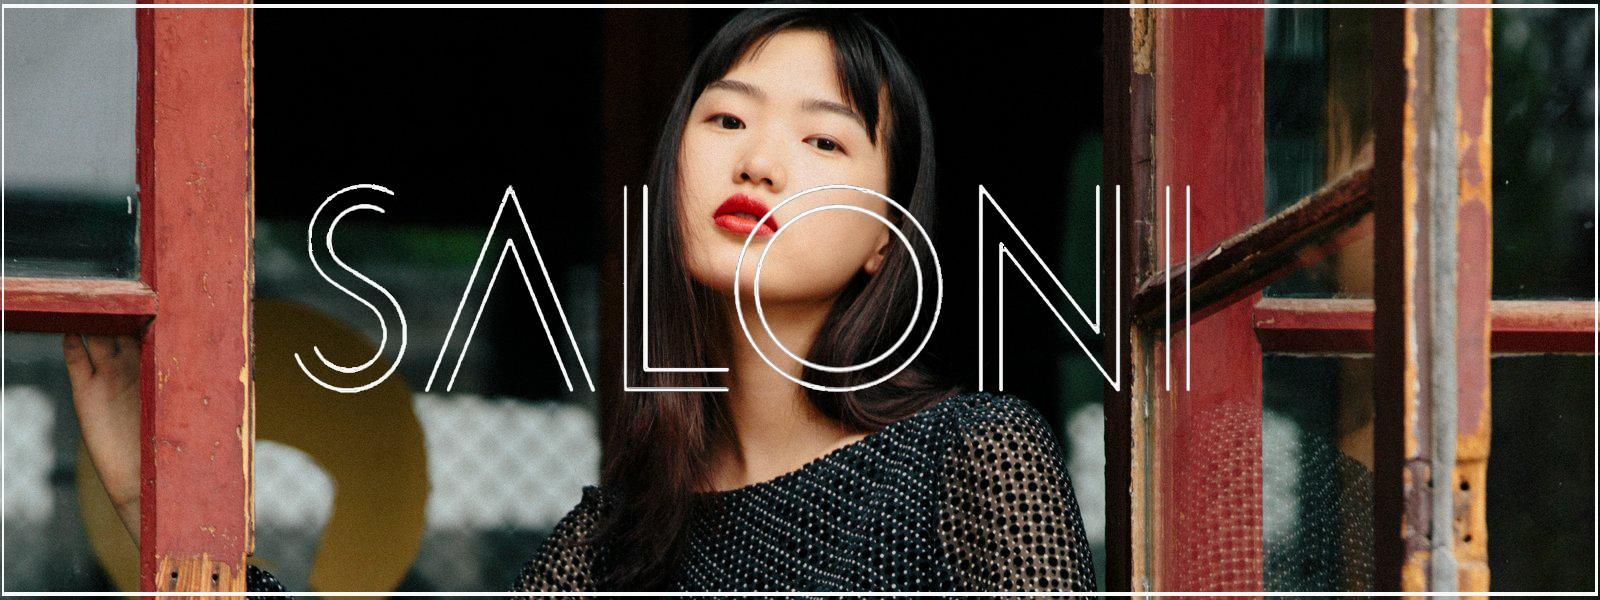 Saloni_1.jpg